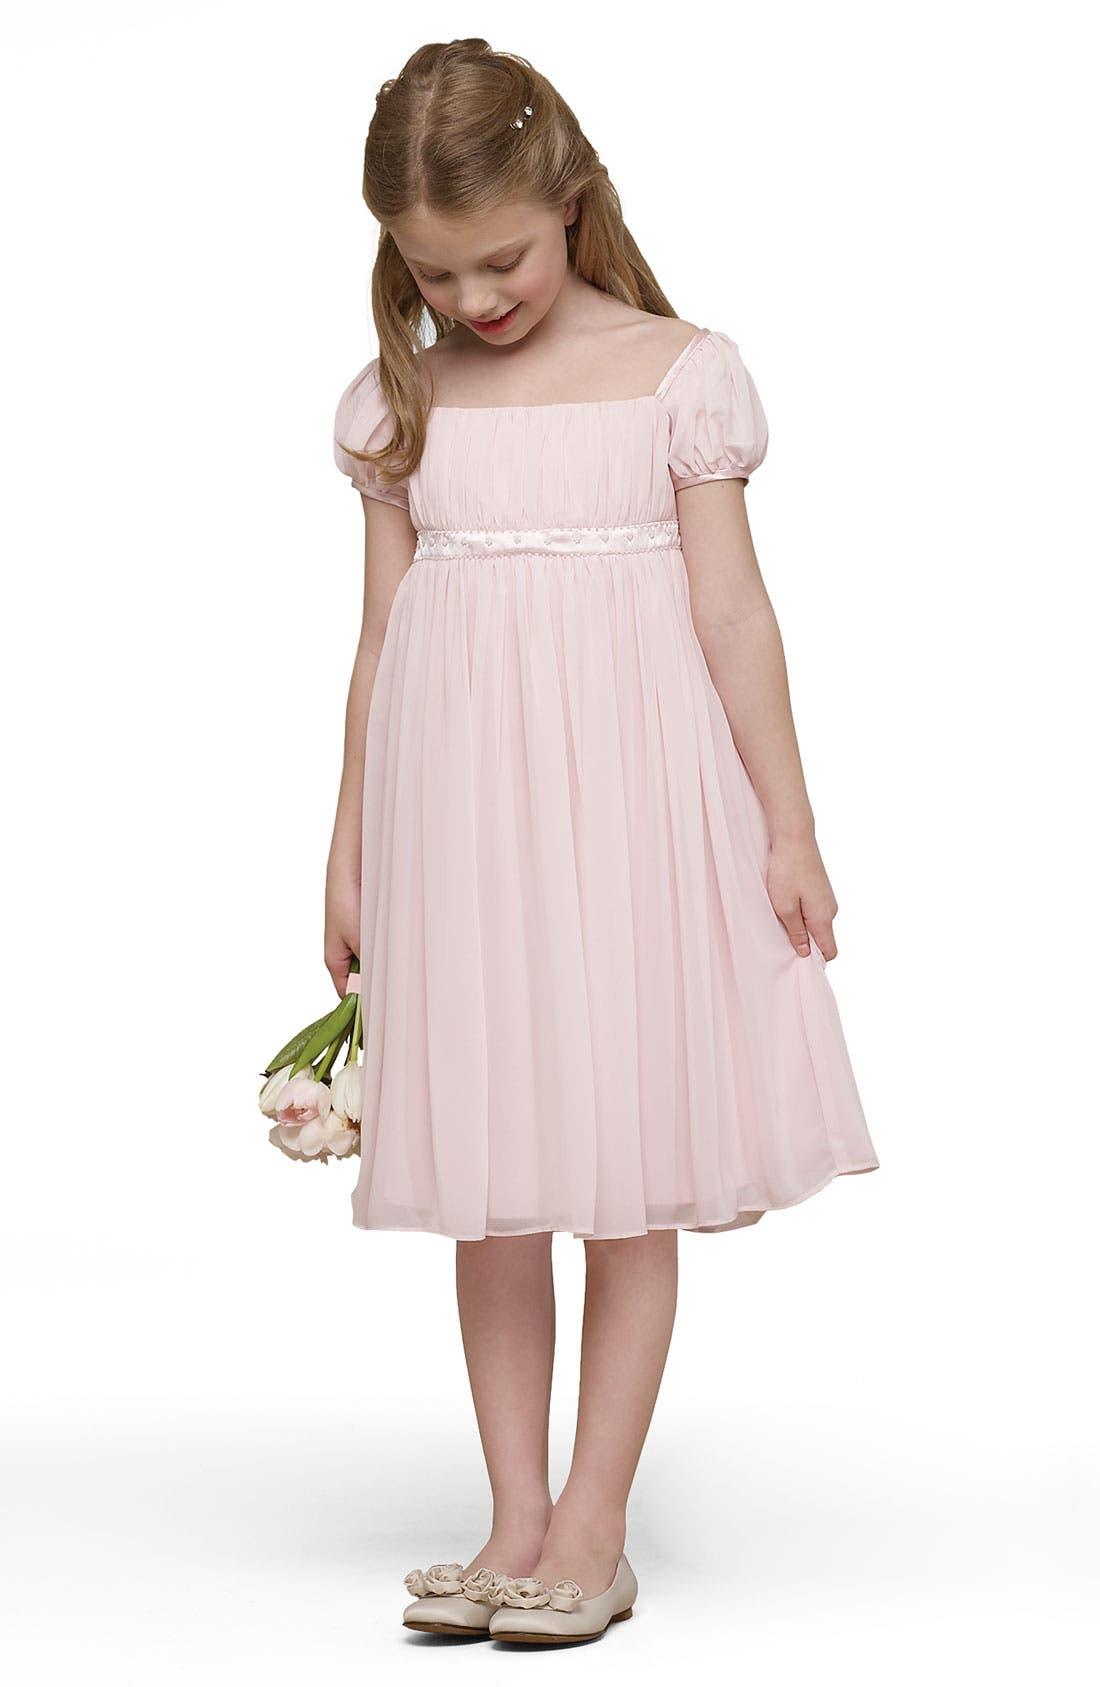 Main Image - Us Angels 'Renaissance' Chiffon Dress (Little Girls & Big Girls)